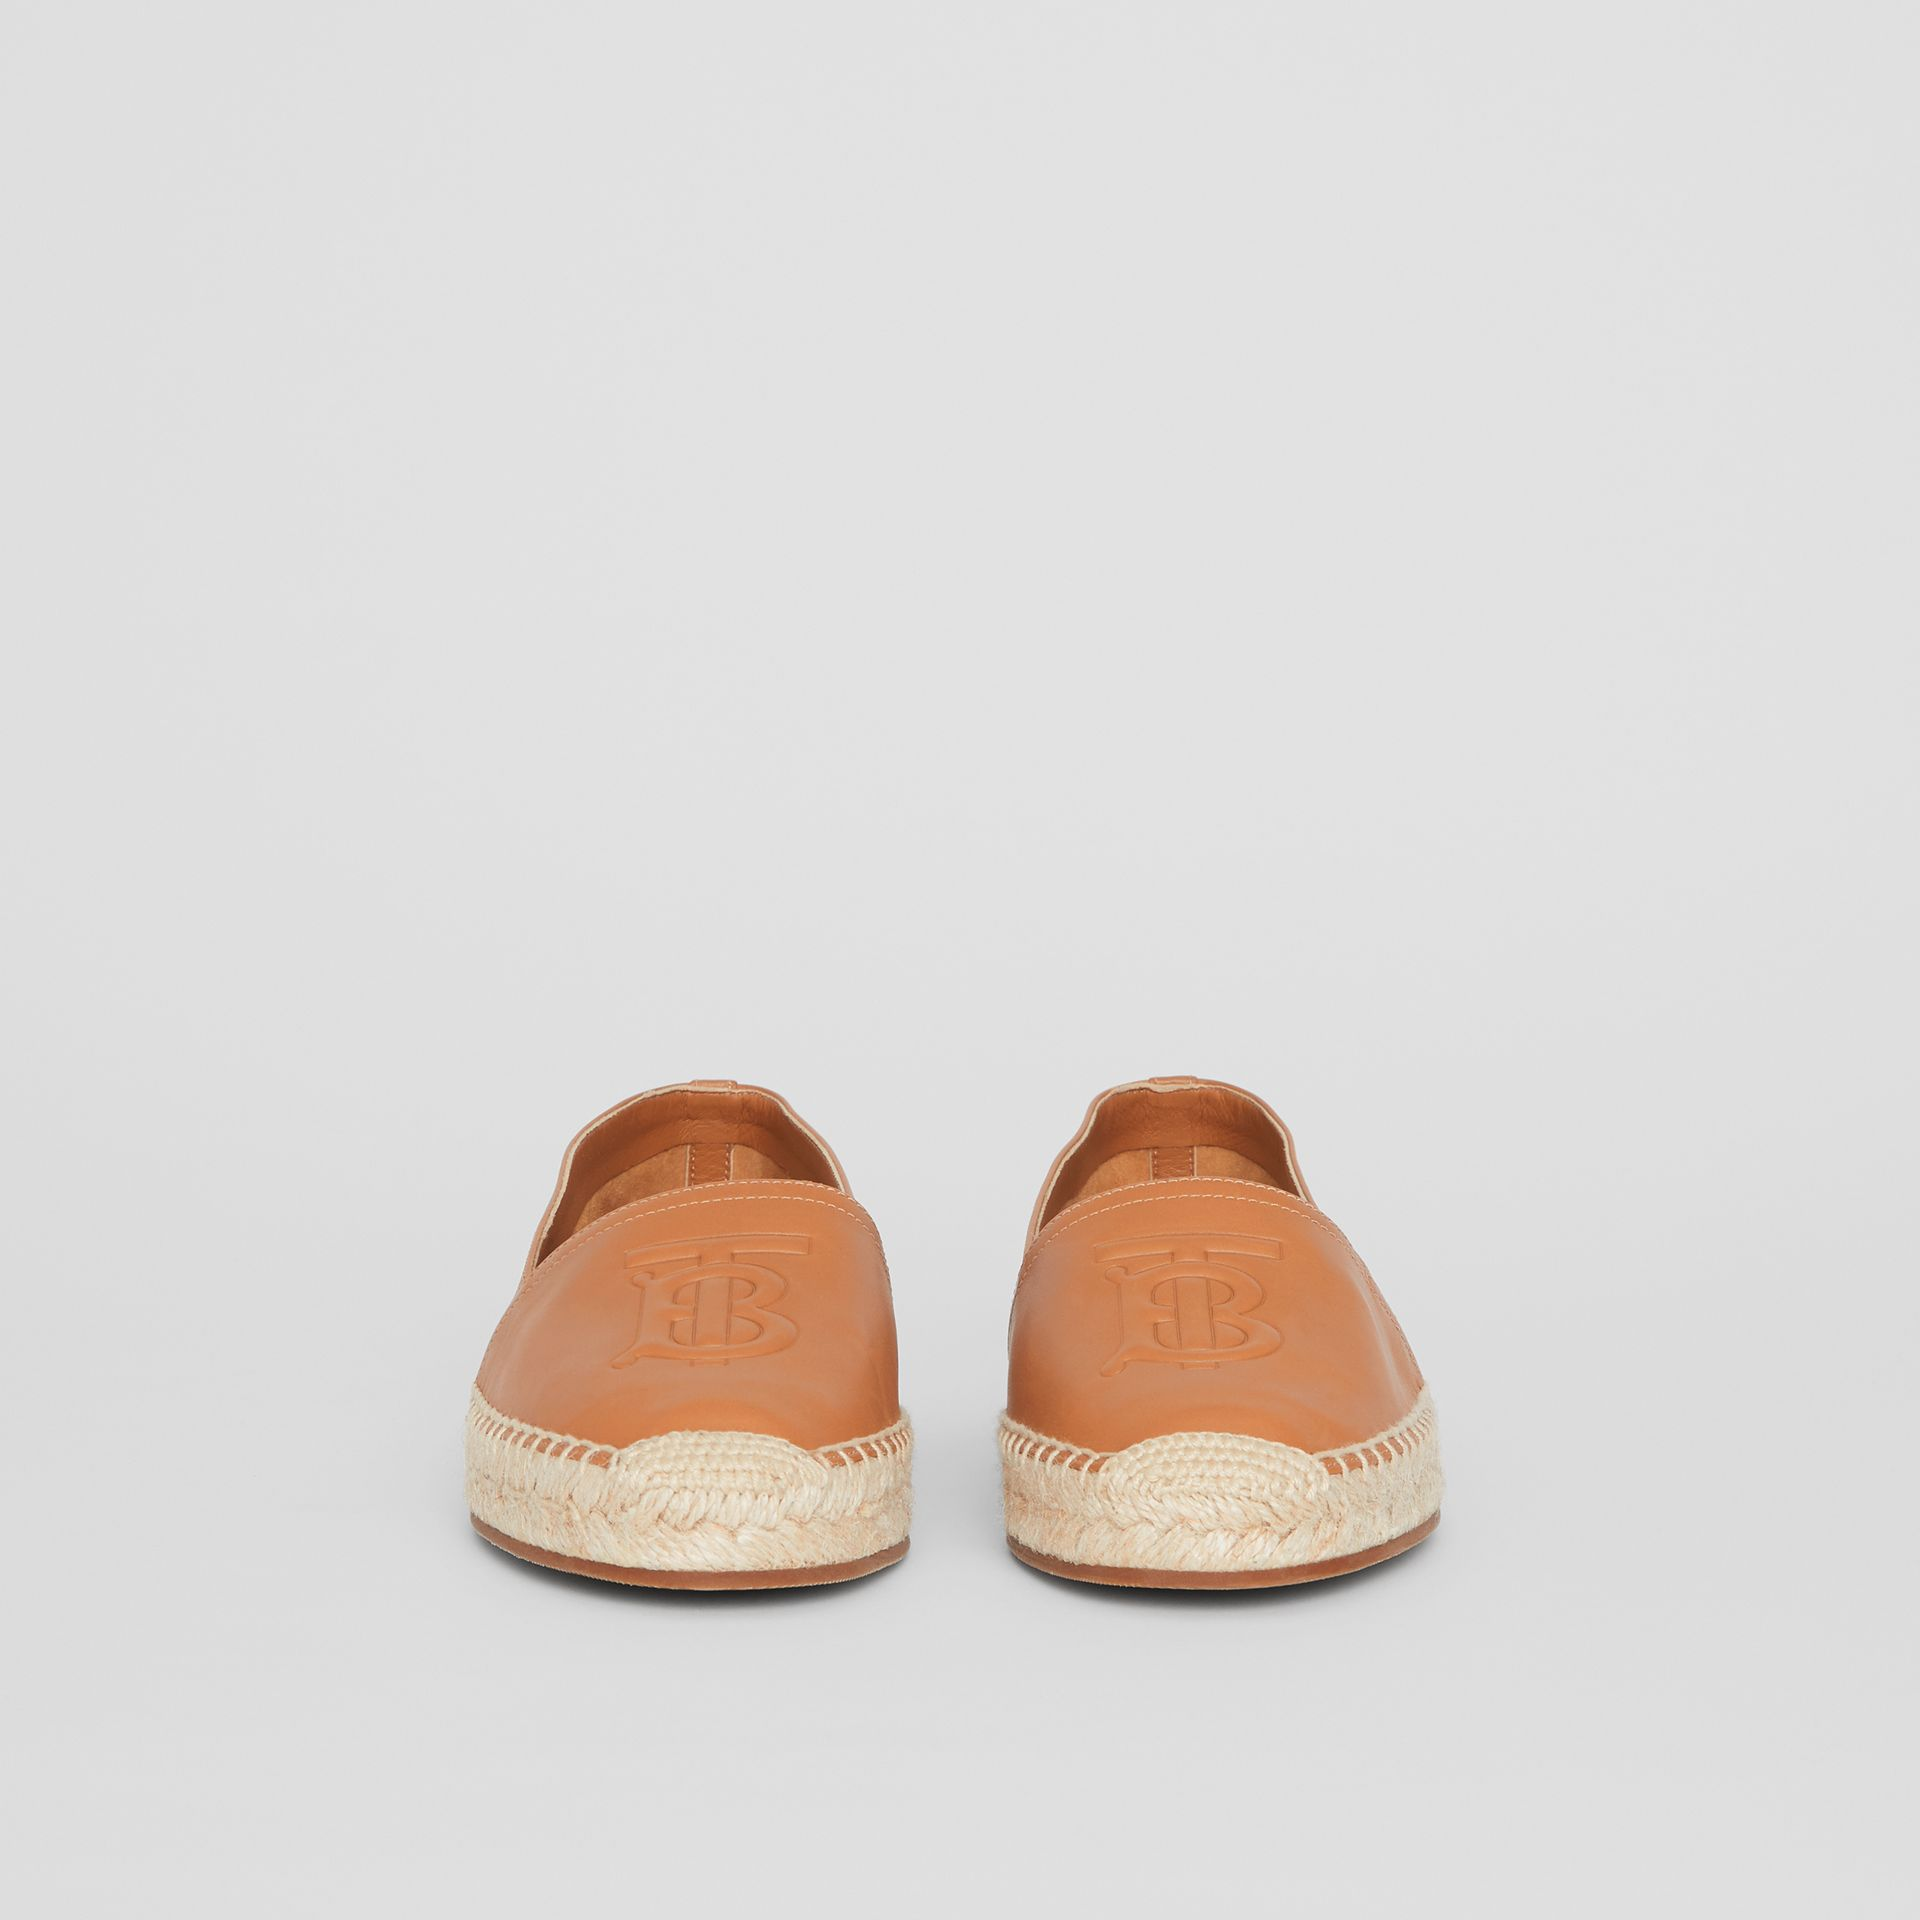 Espadrillas in pelle di agnello con monogramma (Cammello) - Donna | Burberry - immagine della galleria 3